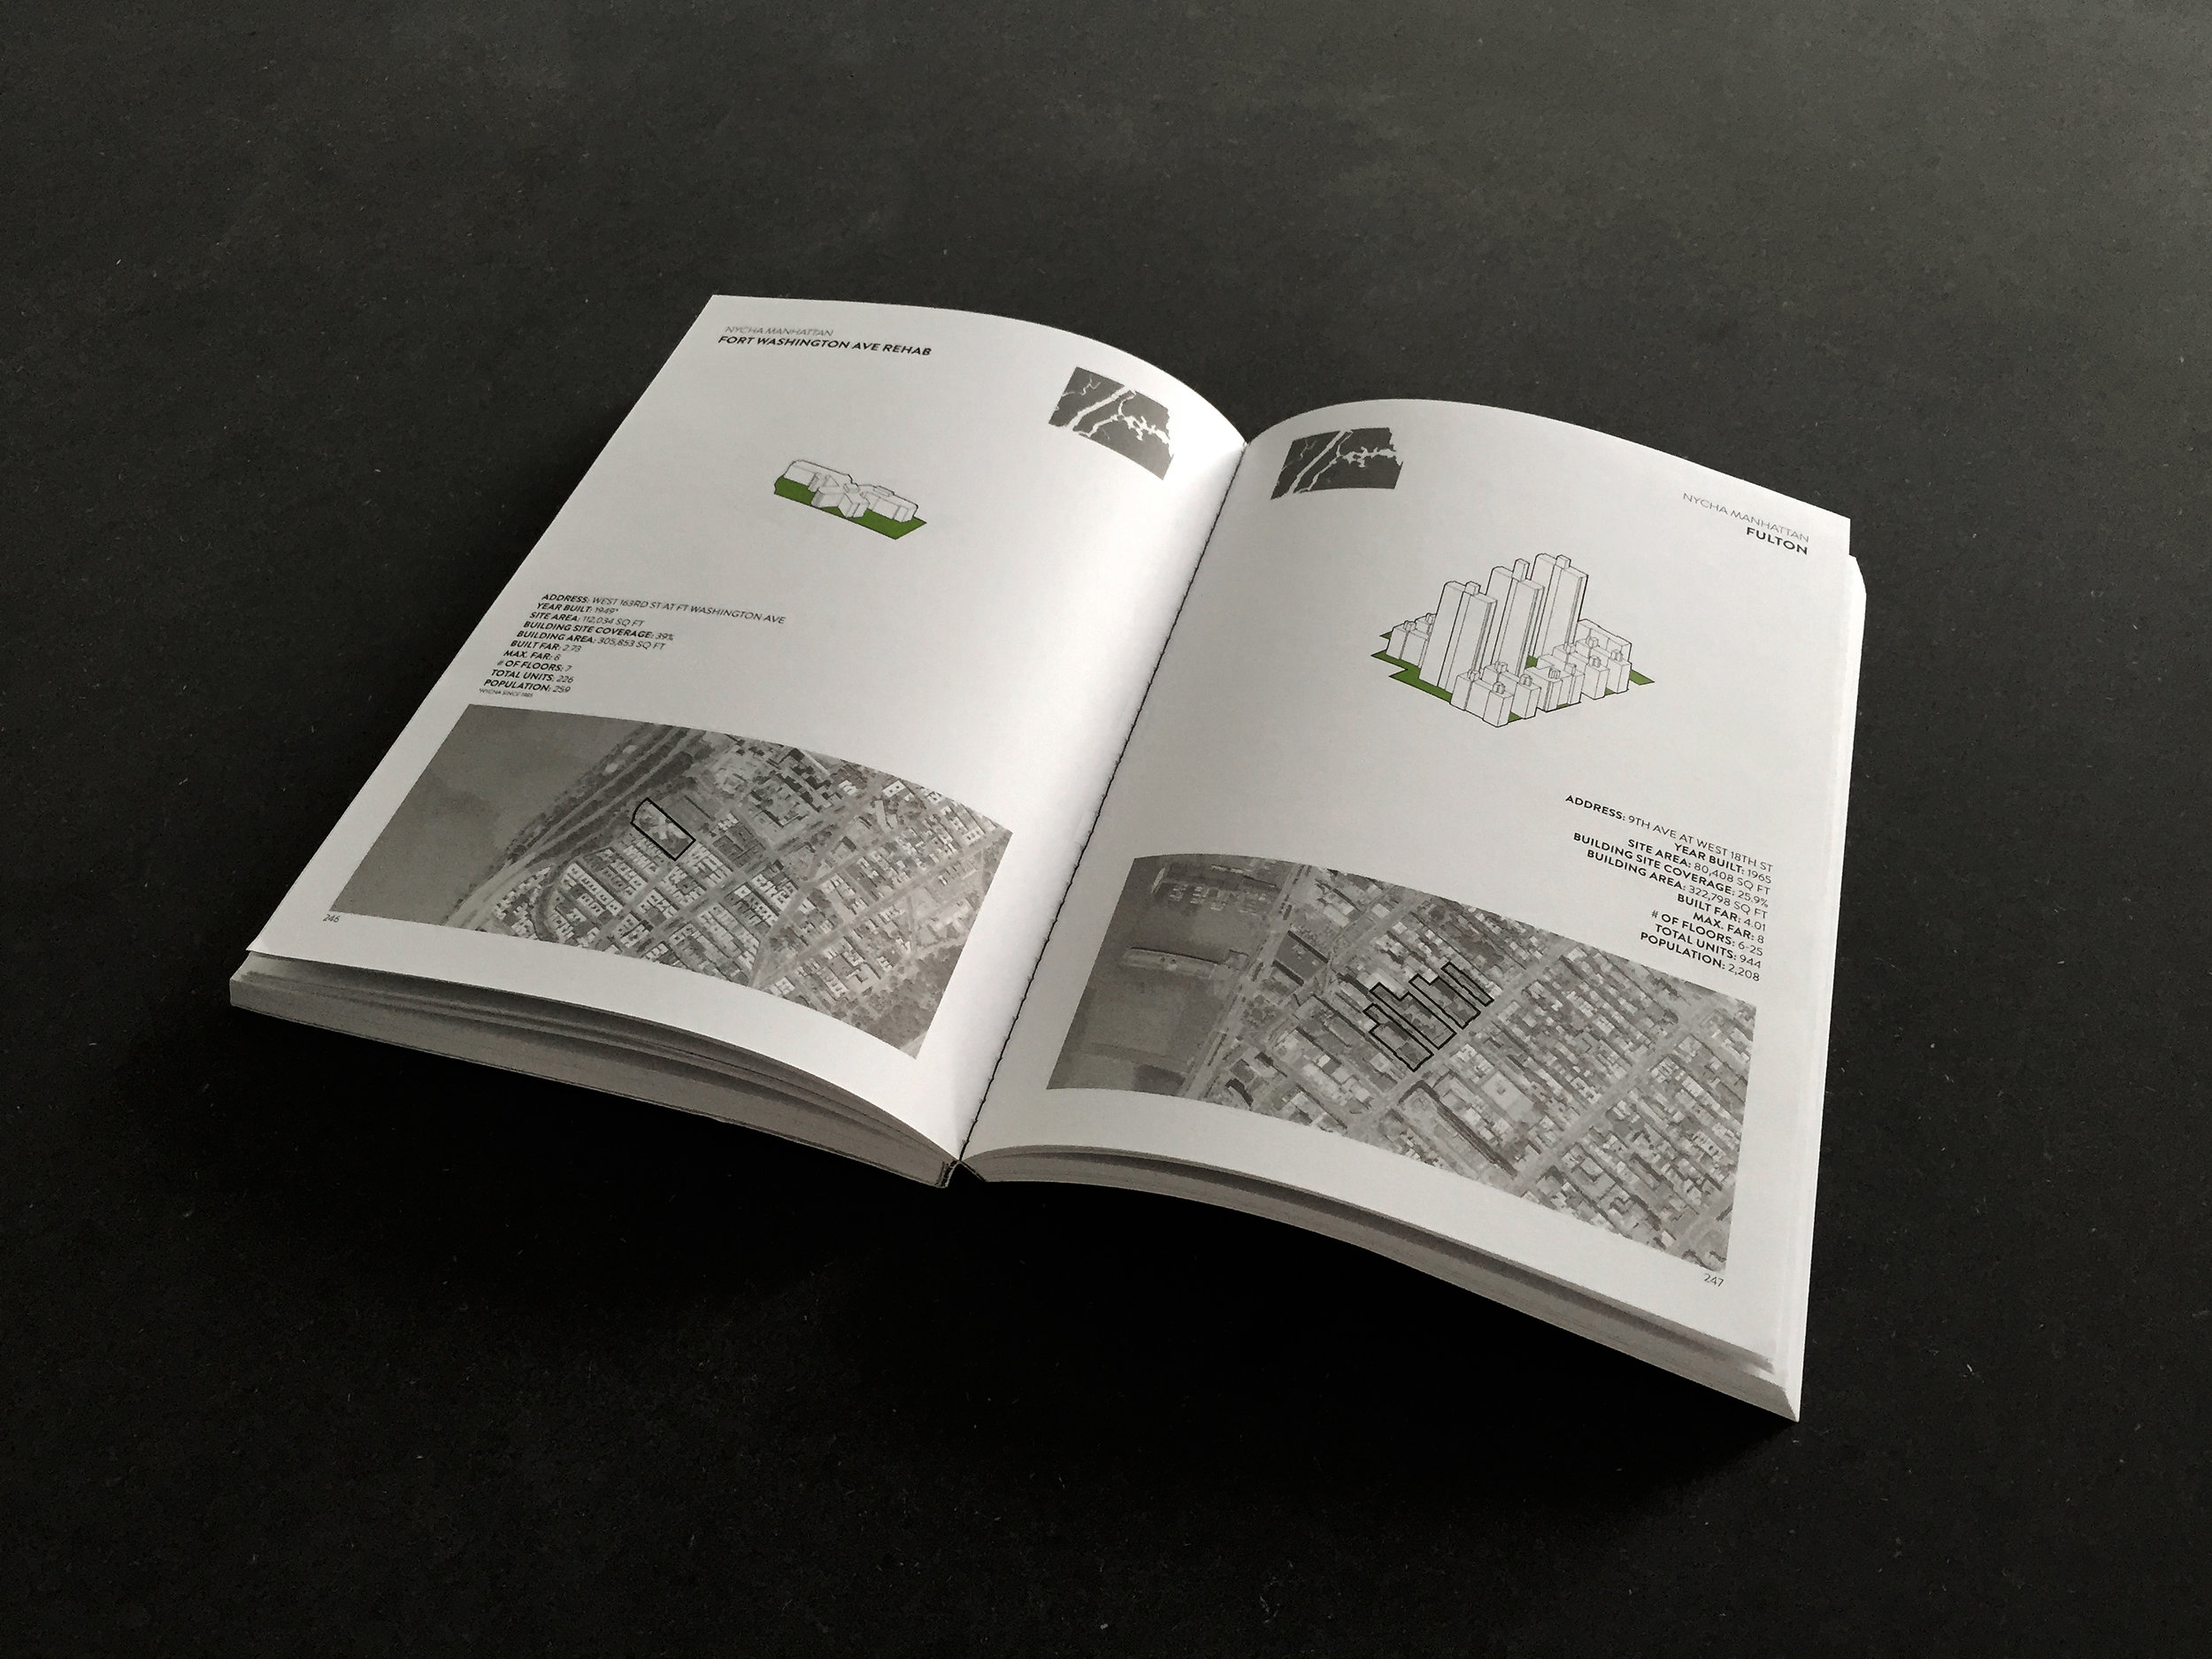 NYCHApedia Book Photo - Open.jpg